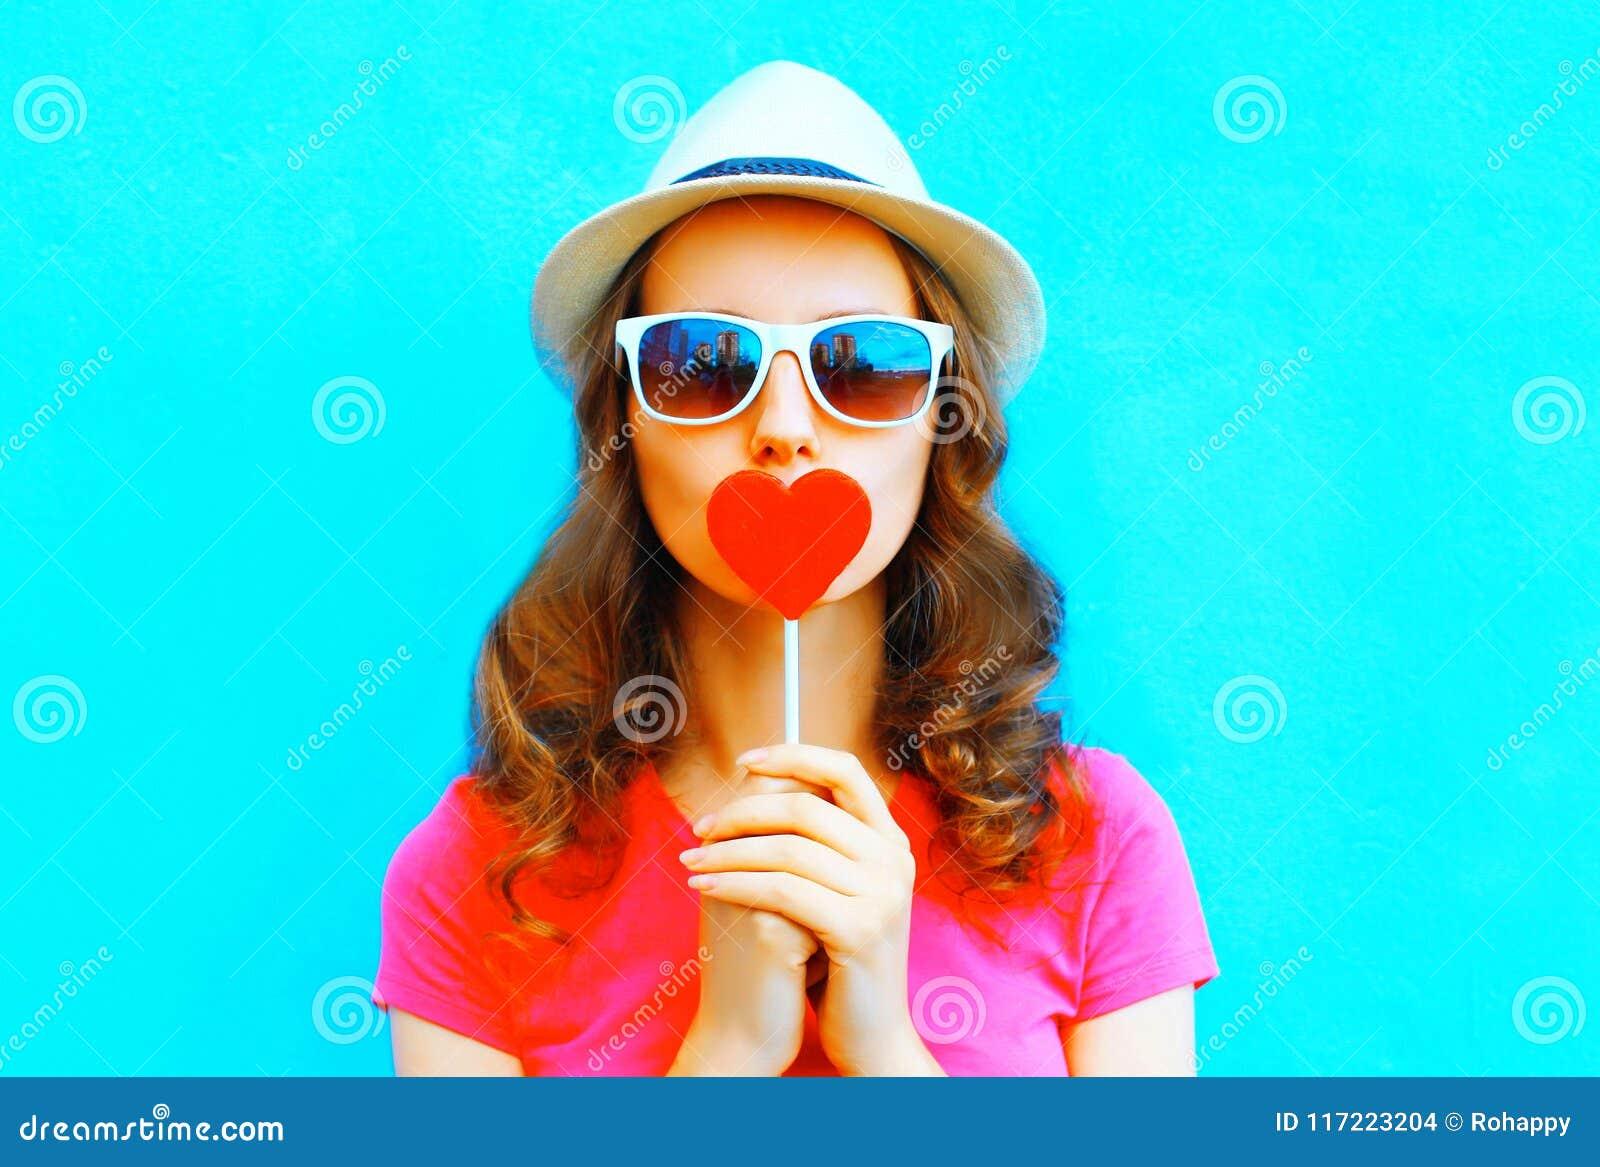 Pretty woman kissing red lollipop shape of a heart